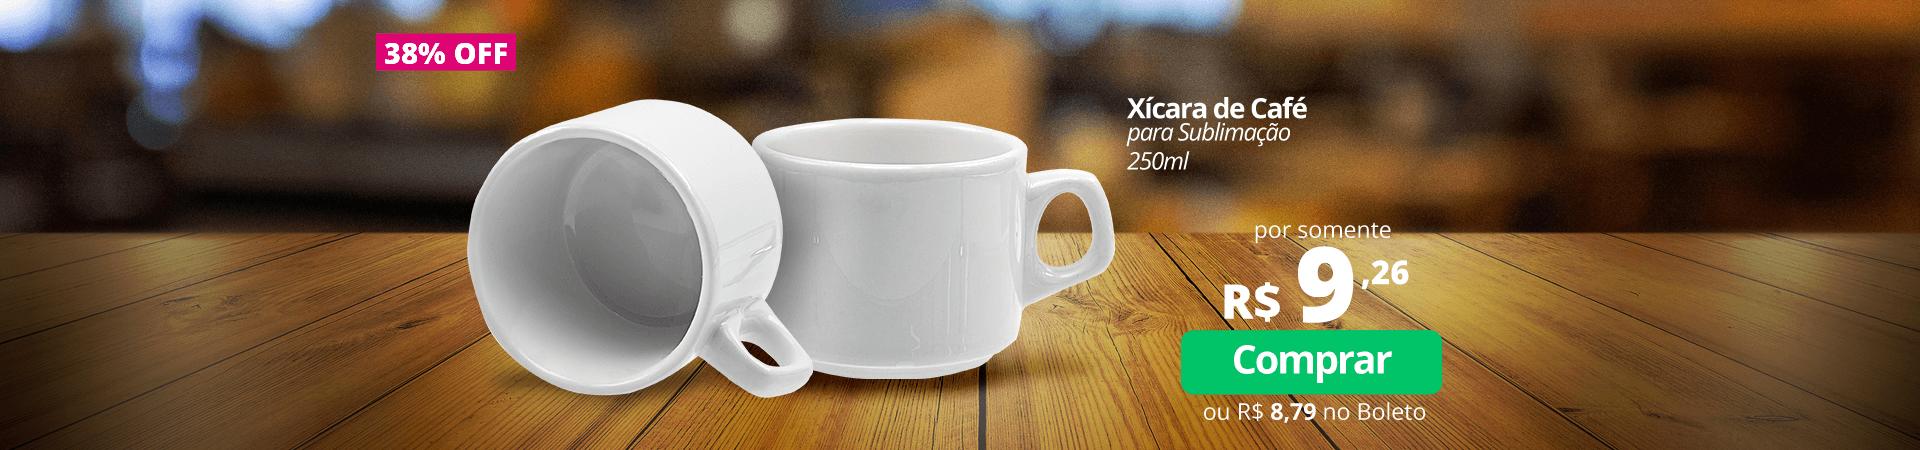 Xícara de Café para Sublimação 250ml